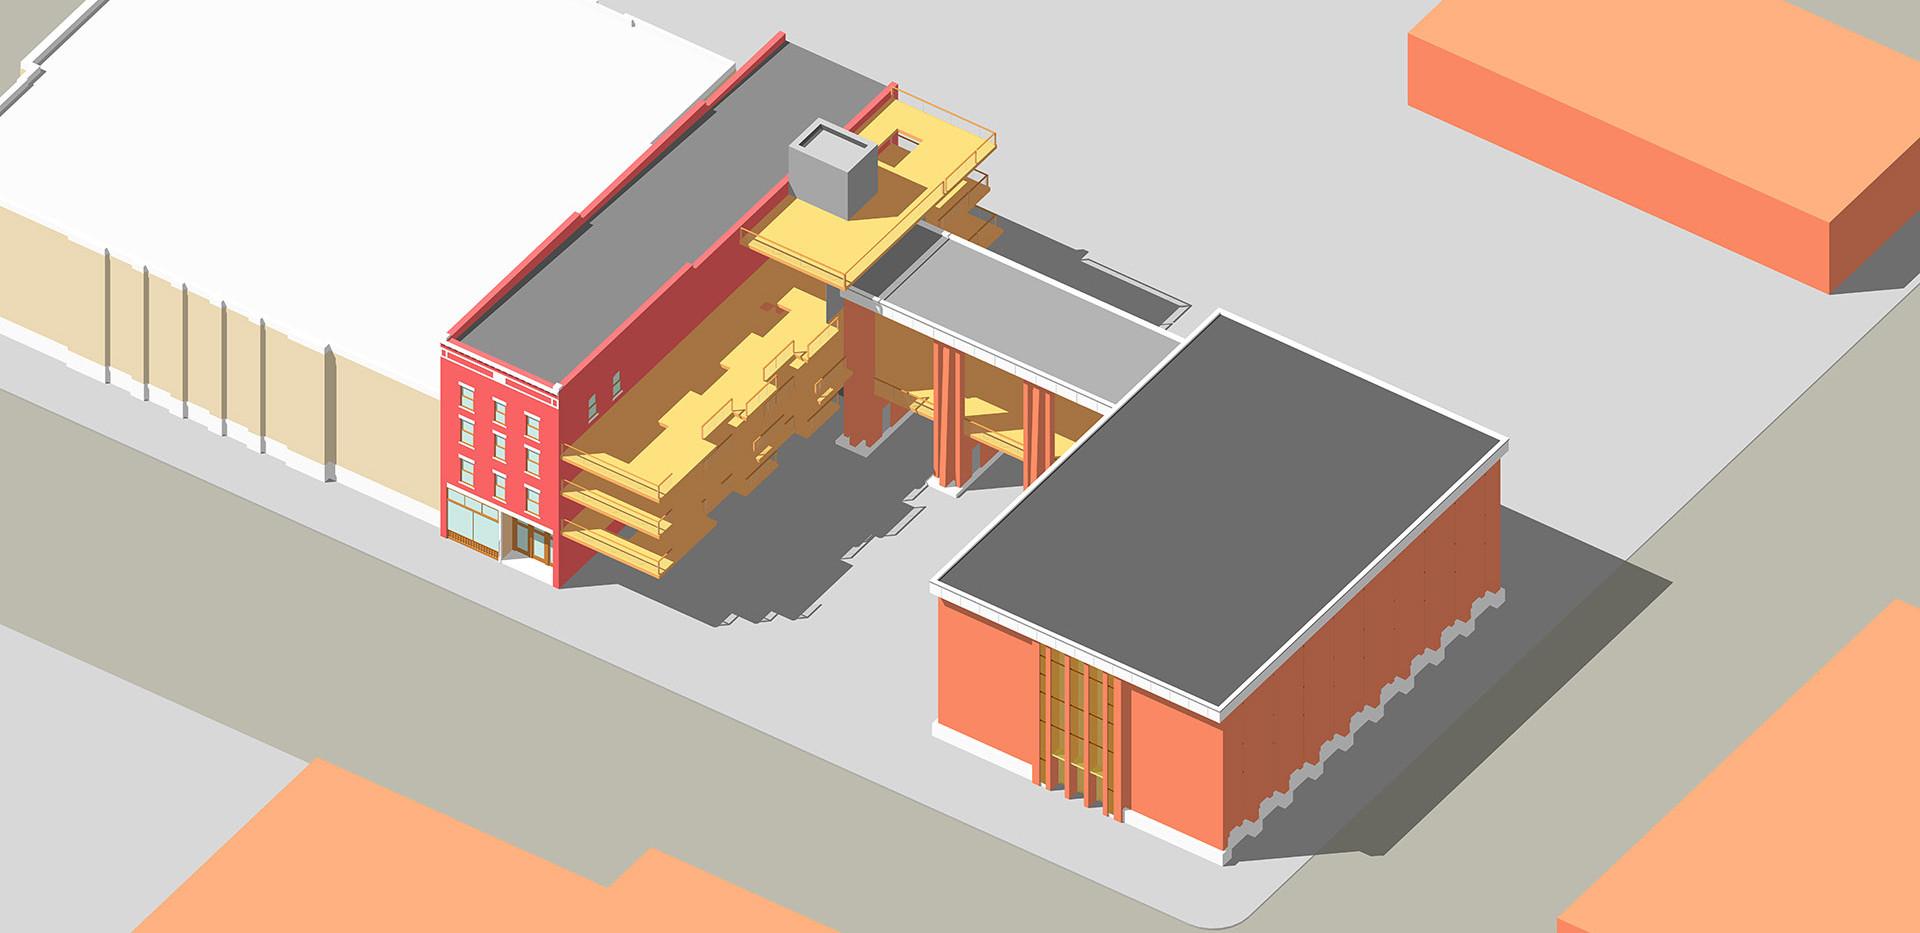 7 MERCHANTS HOTEL AXO 1_BALCONIES_032119